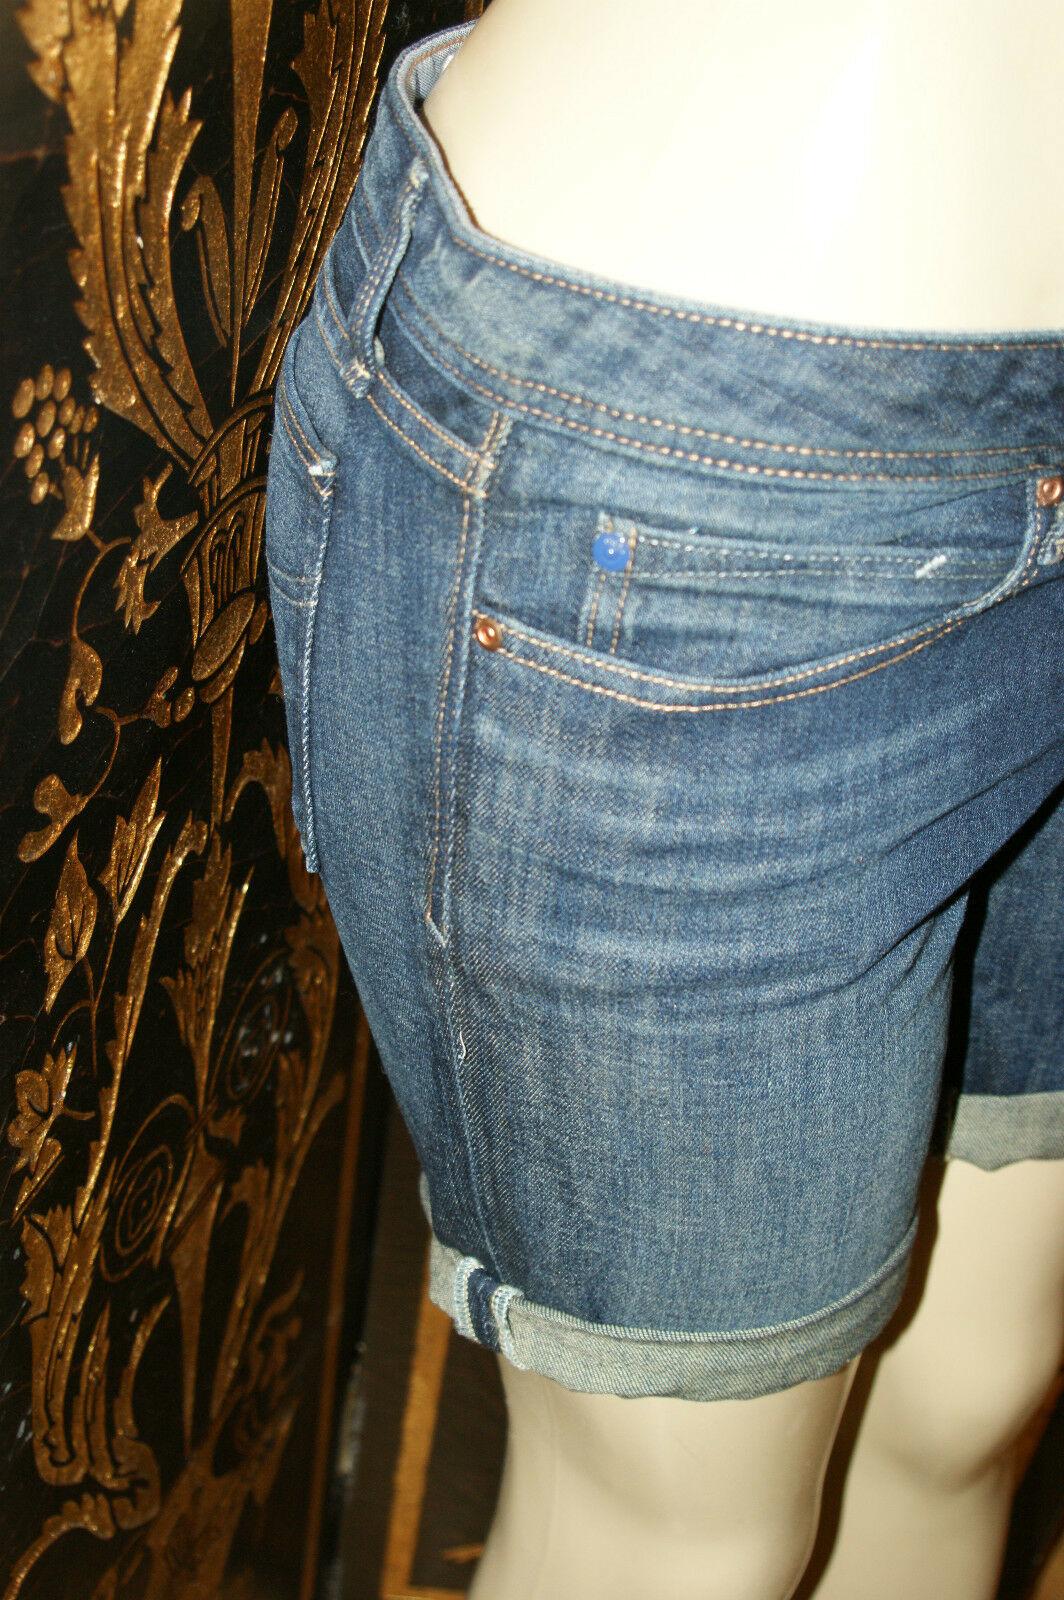 Gap 1969 Women's Stretch Denim Short jeans blue pants size 28